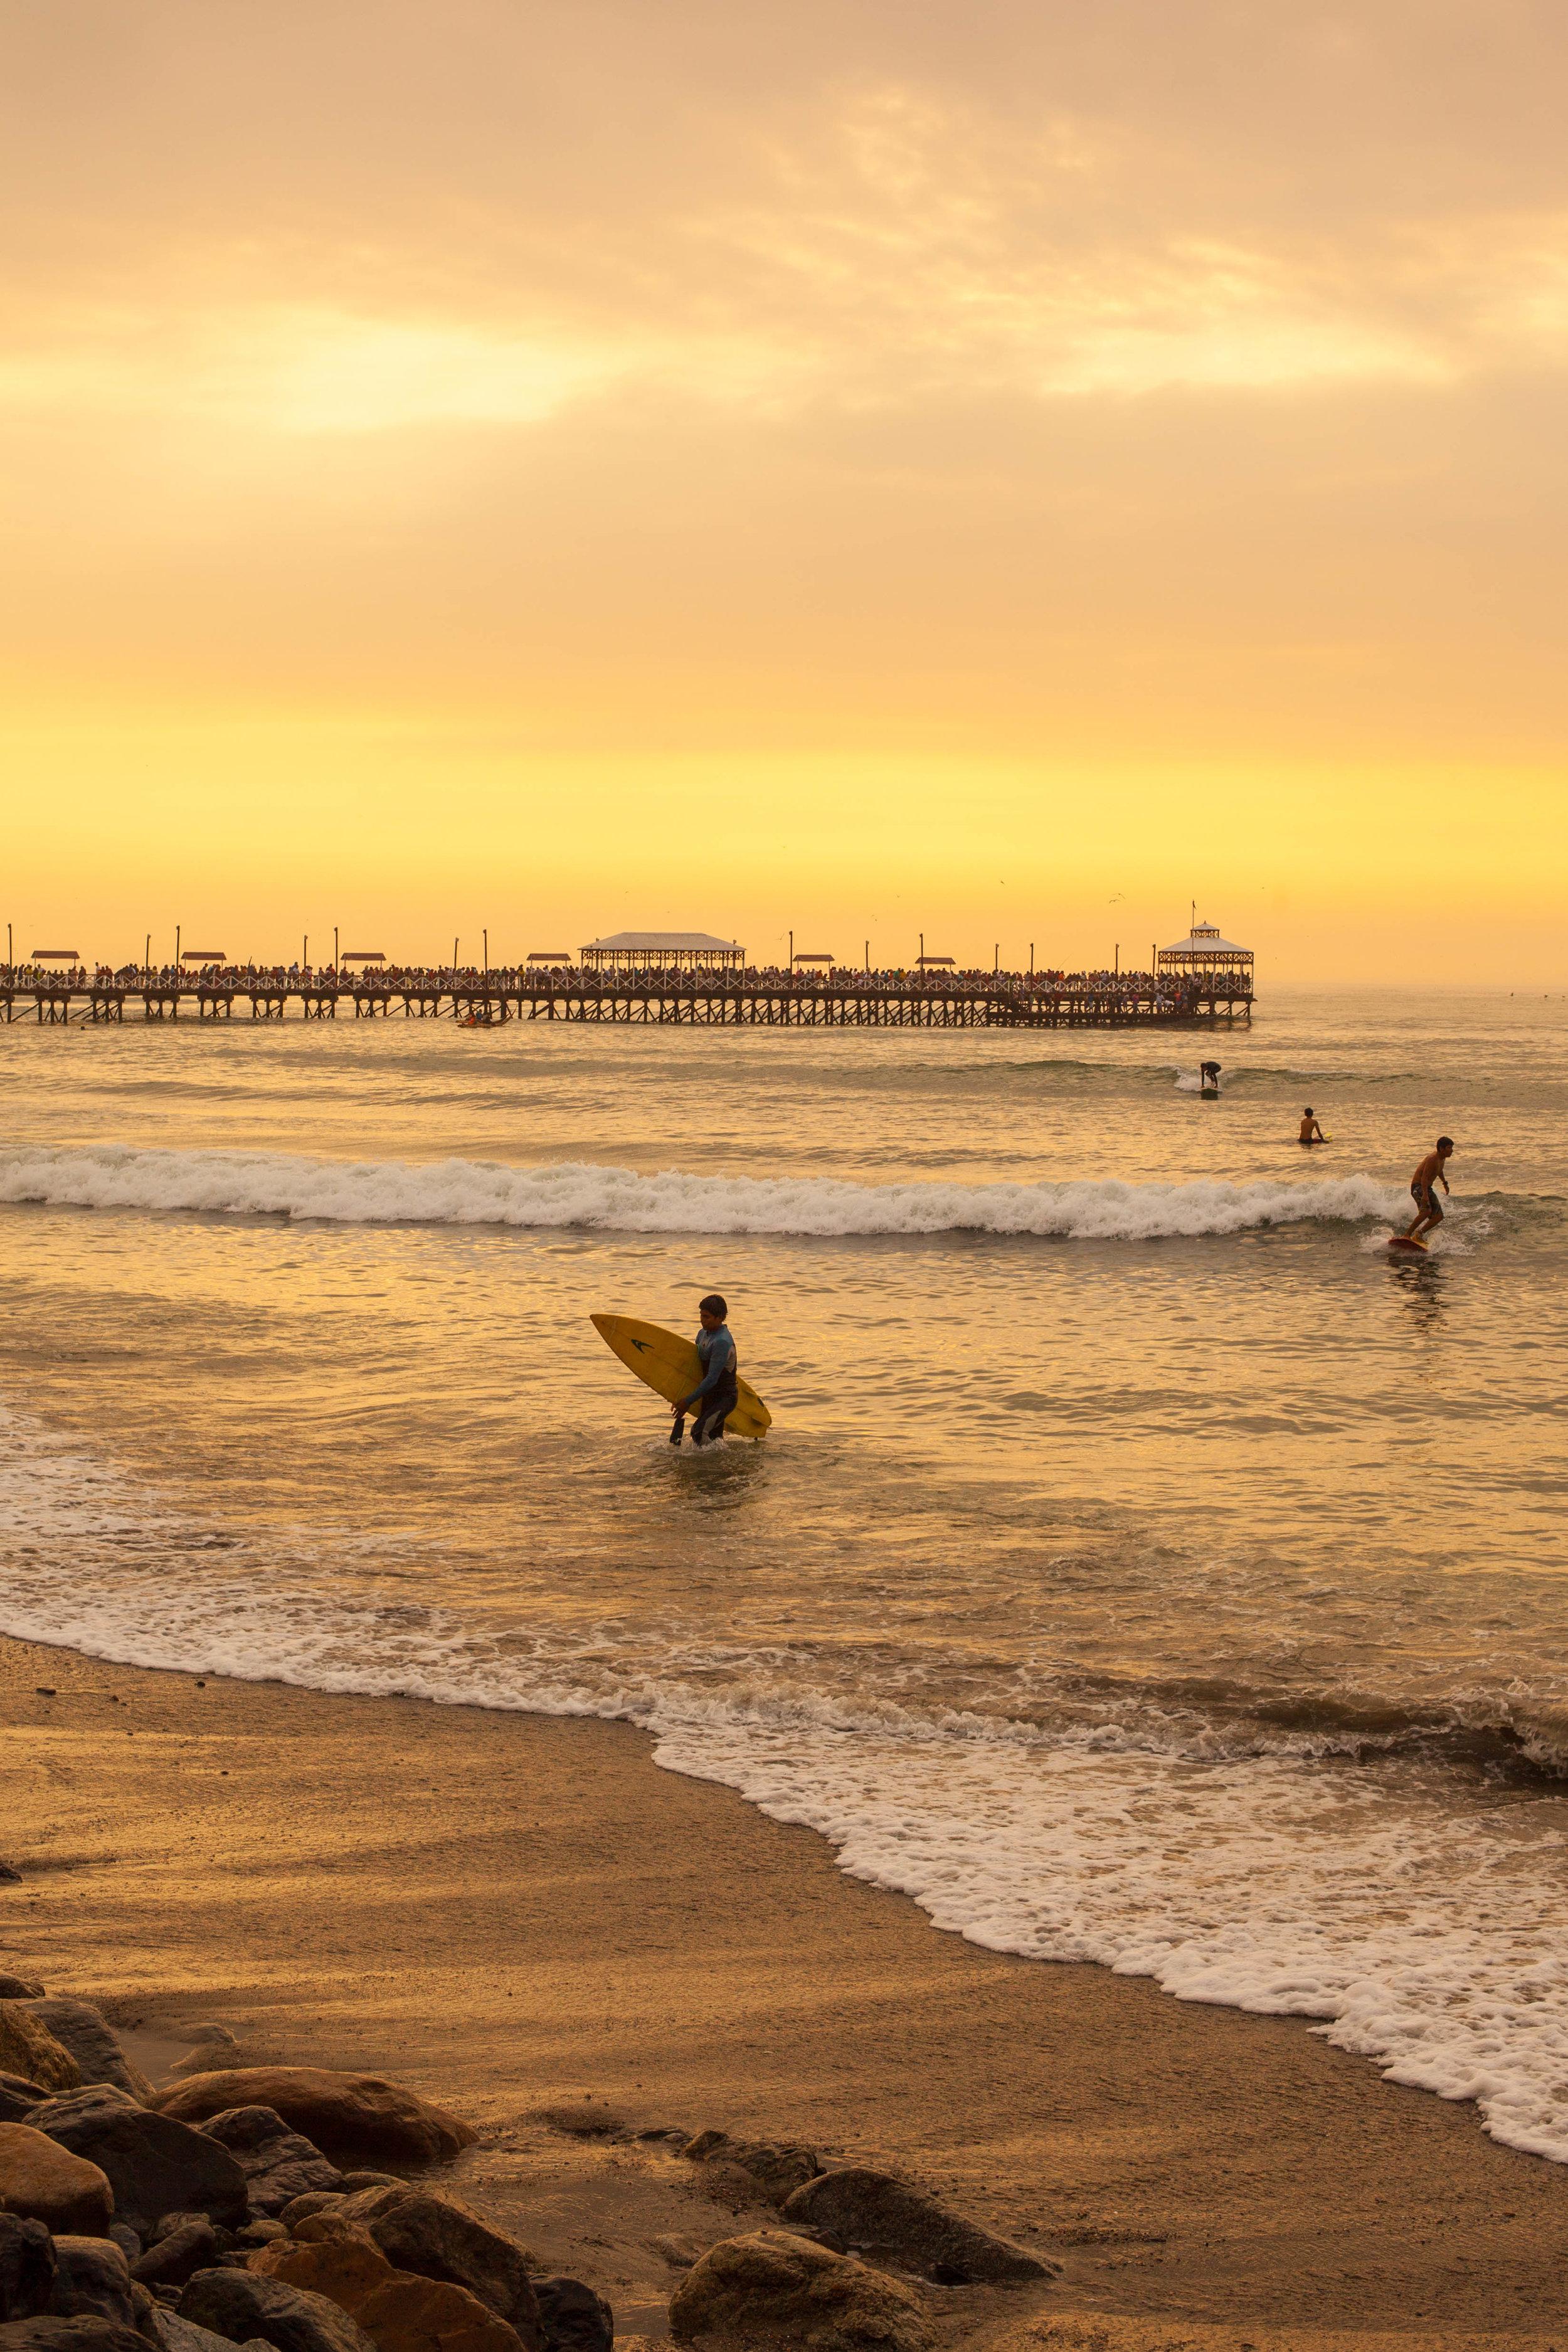 surfer_pier_small.jpg